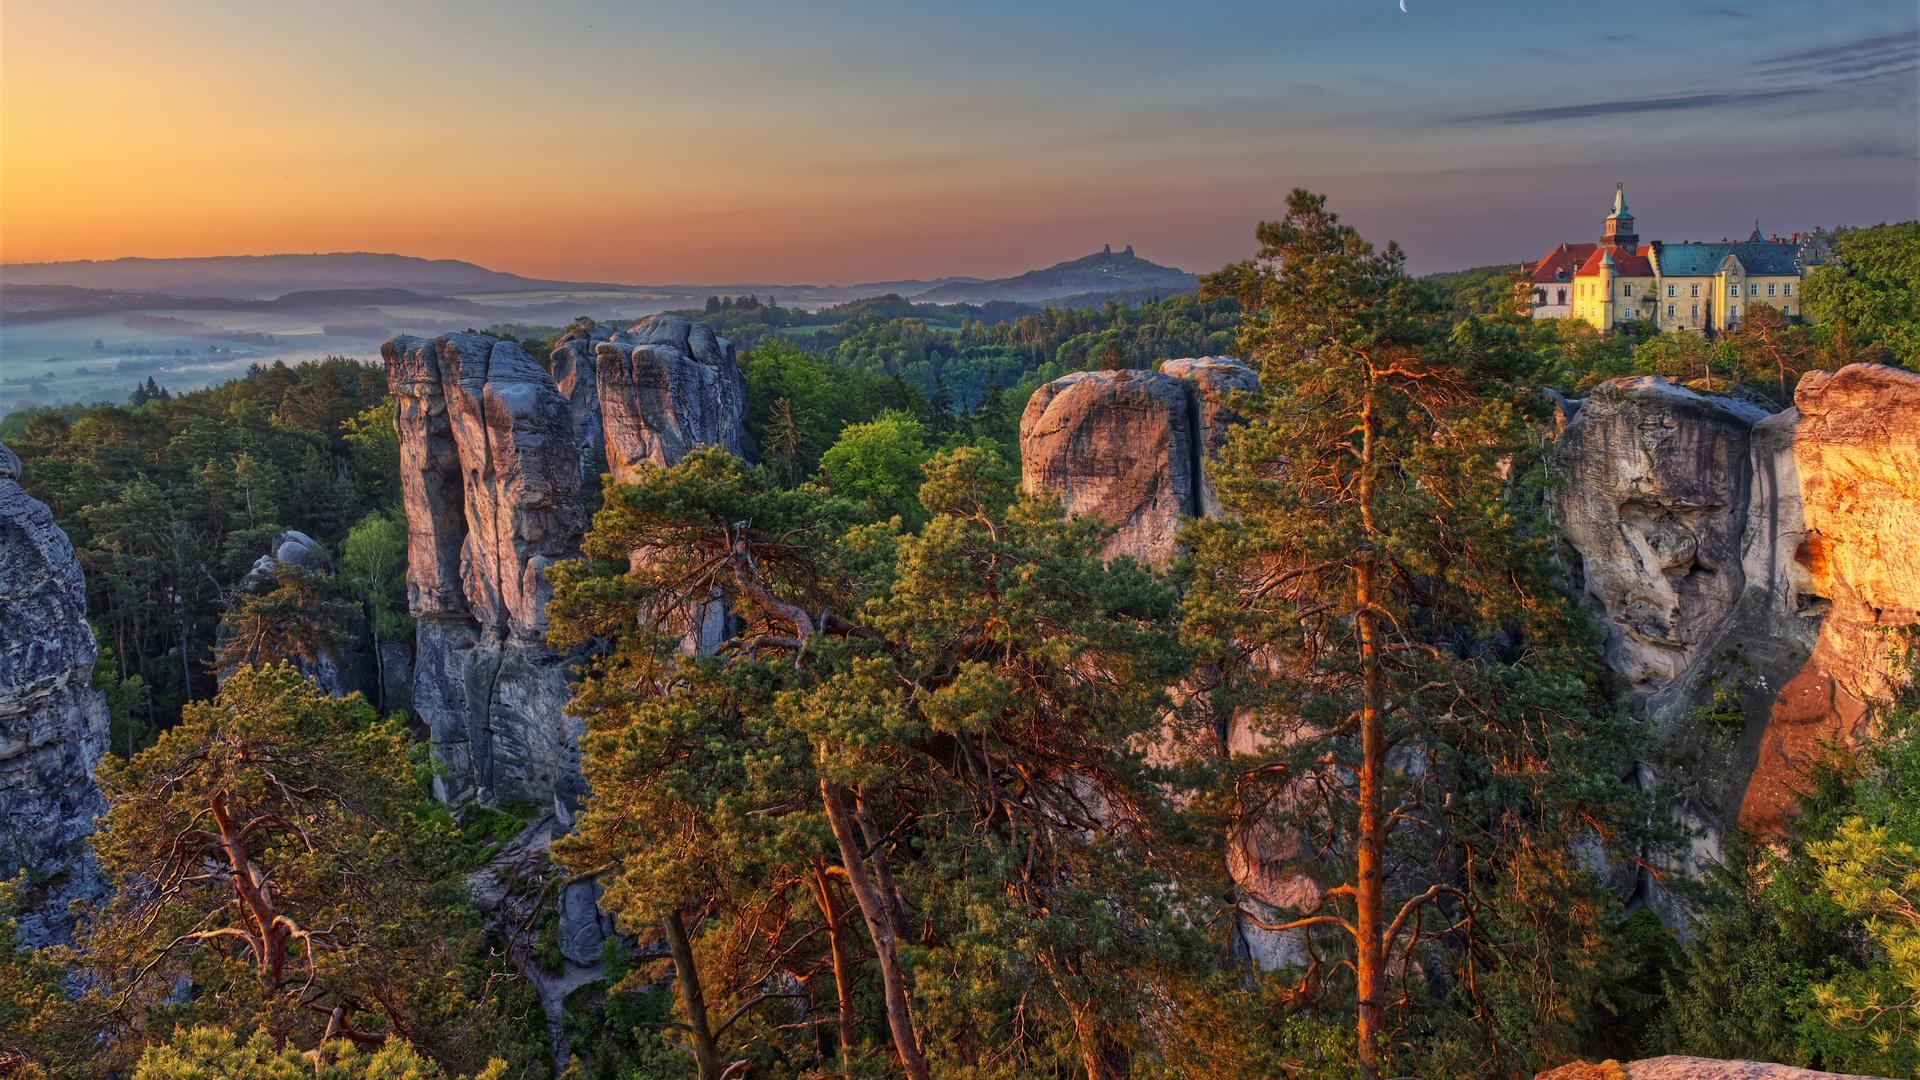 деревья, пейзаж, горы, природа, скалы, утро, Чехия, заповедник, замок, отель